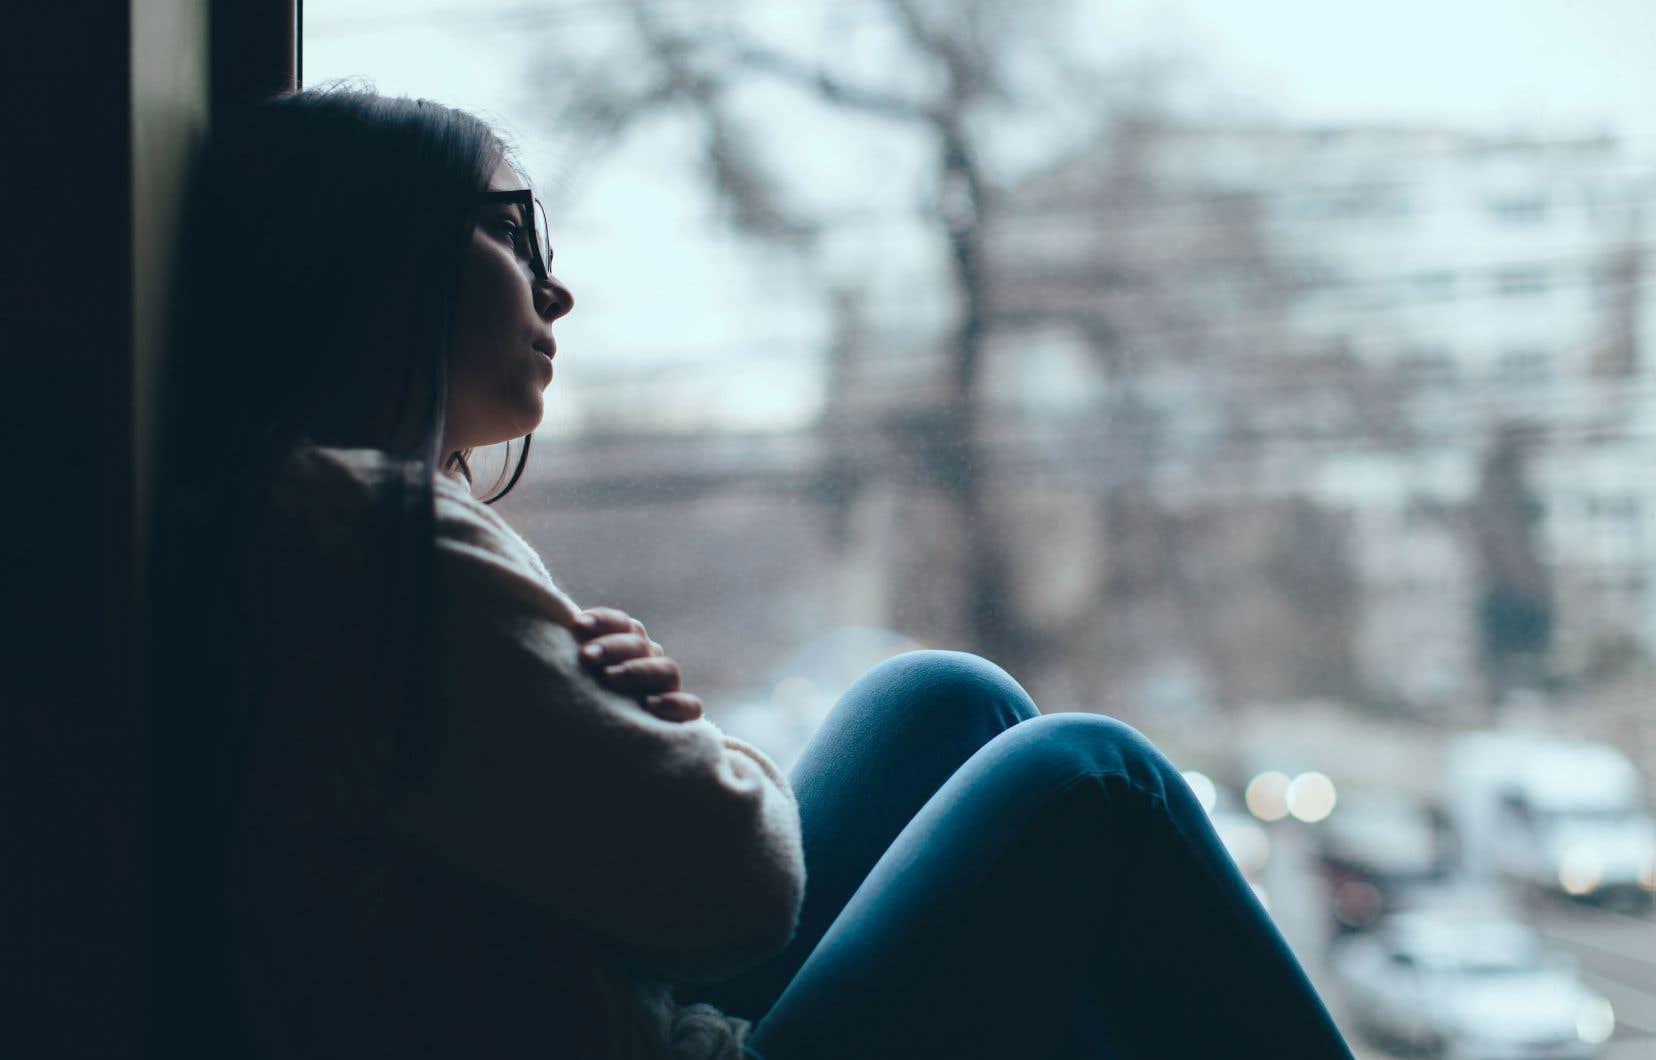 Tous les autres organismes contactés par Le Devoir, commeAnorexie et boulimie Québec (ANEB)ainsi que Suicide Action Montréal,ont reçu en décembre un premier versement de l'aide d'urgence, qui correspond à 60% du montant total accordé.